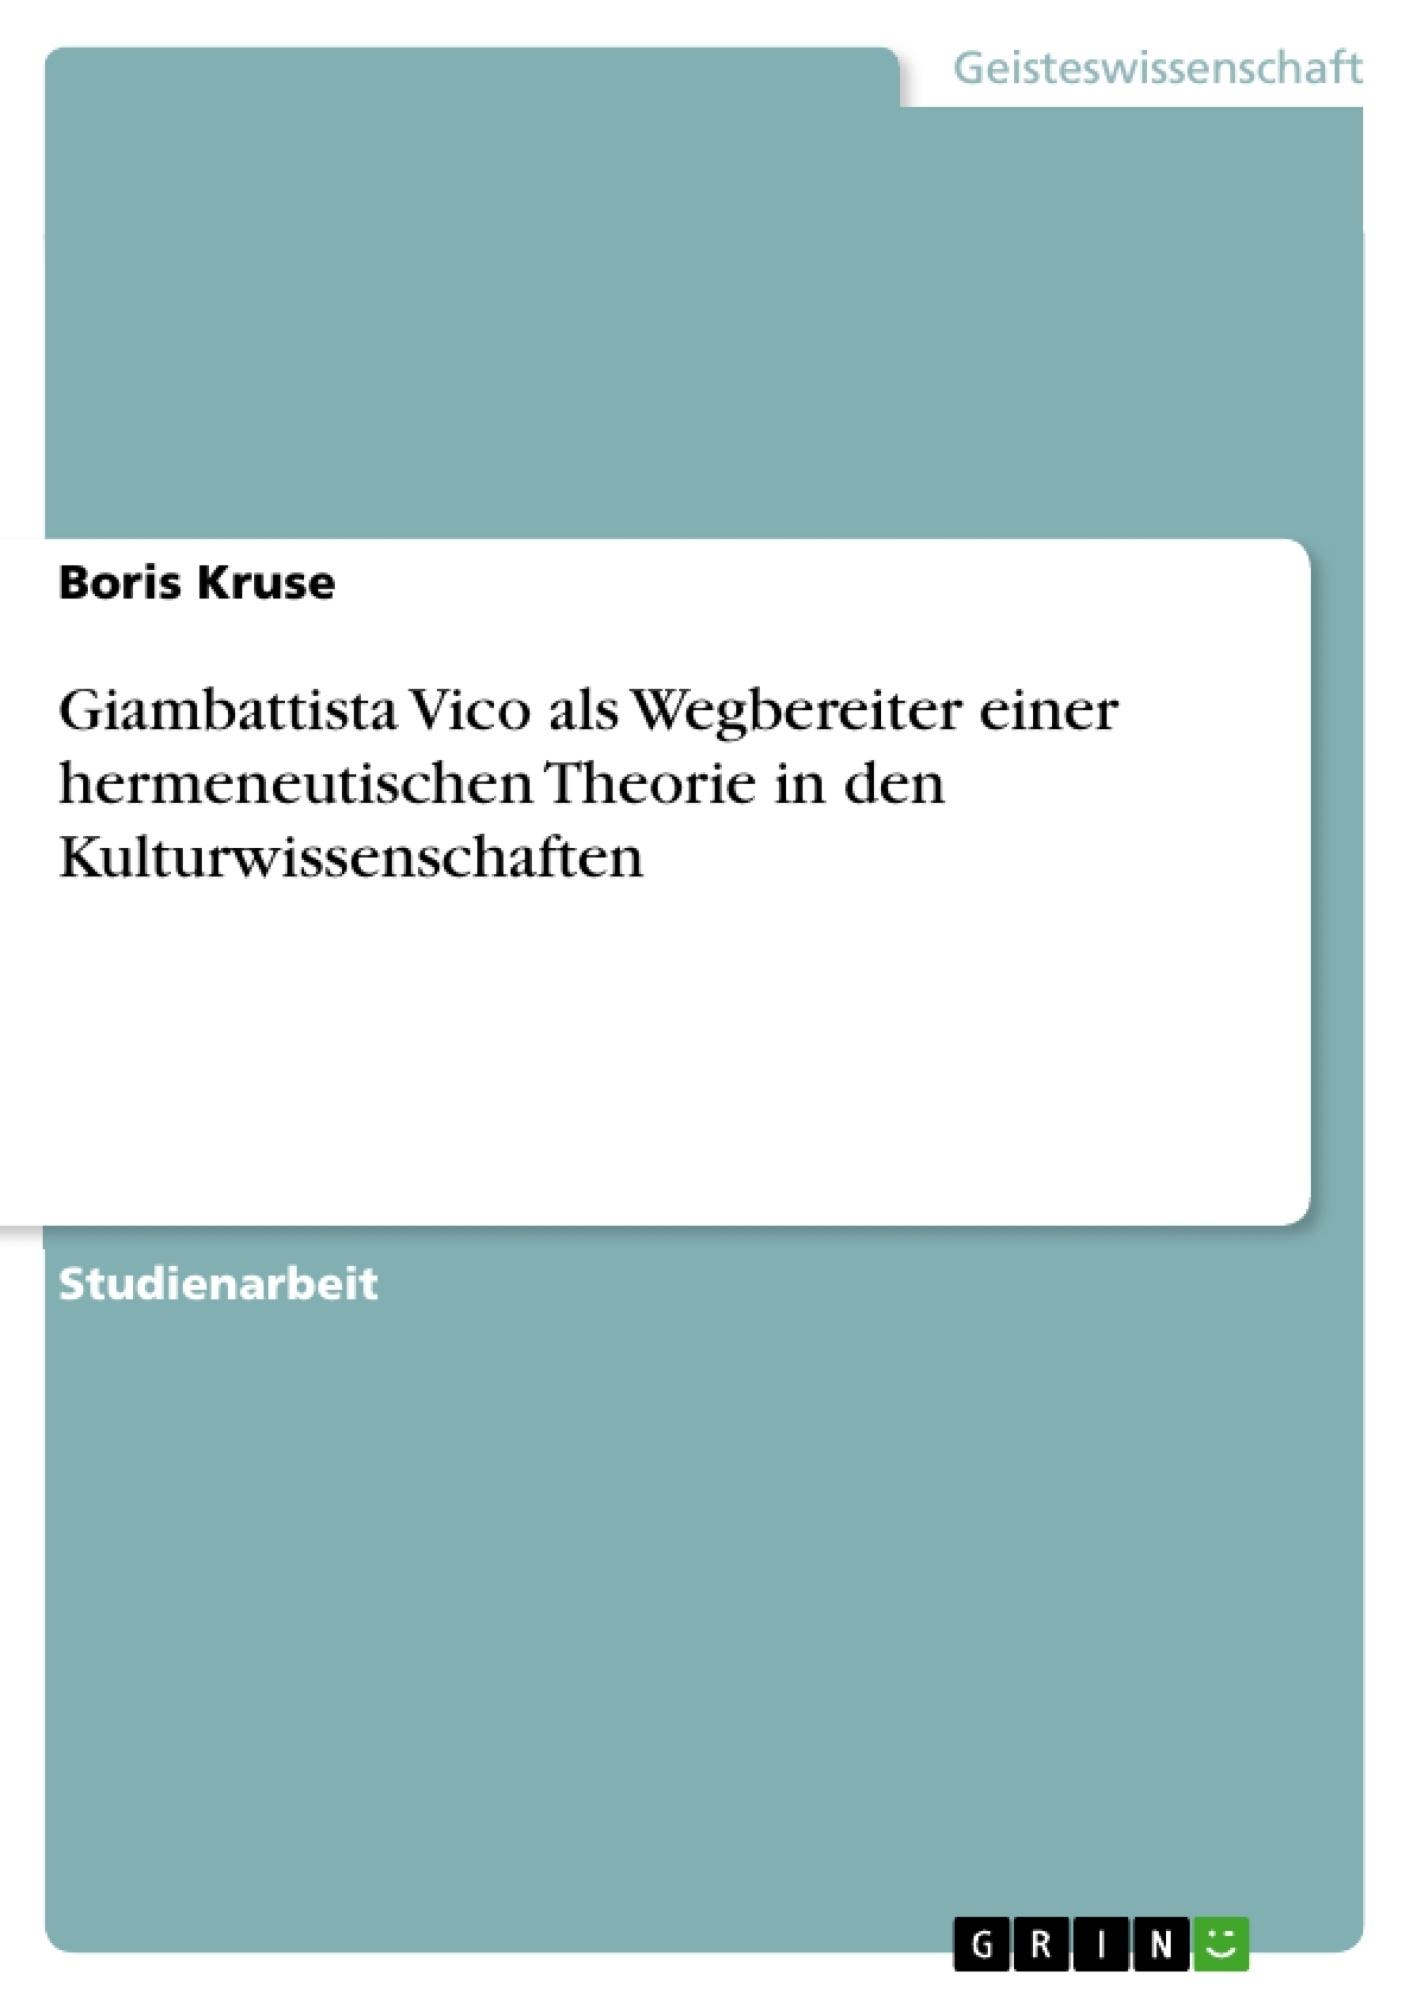 Titel: Giambattista Vico als Wegbereiter einer hermeneutischen Theorie in den Kulturwissenschaften